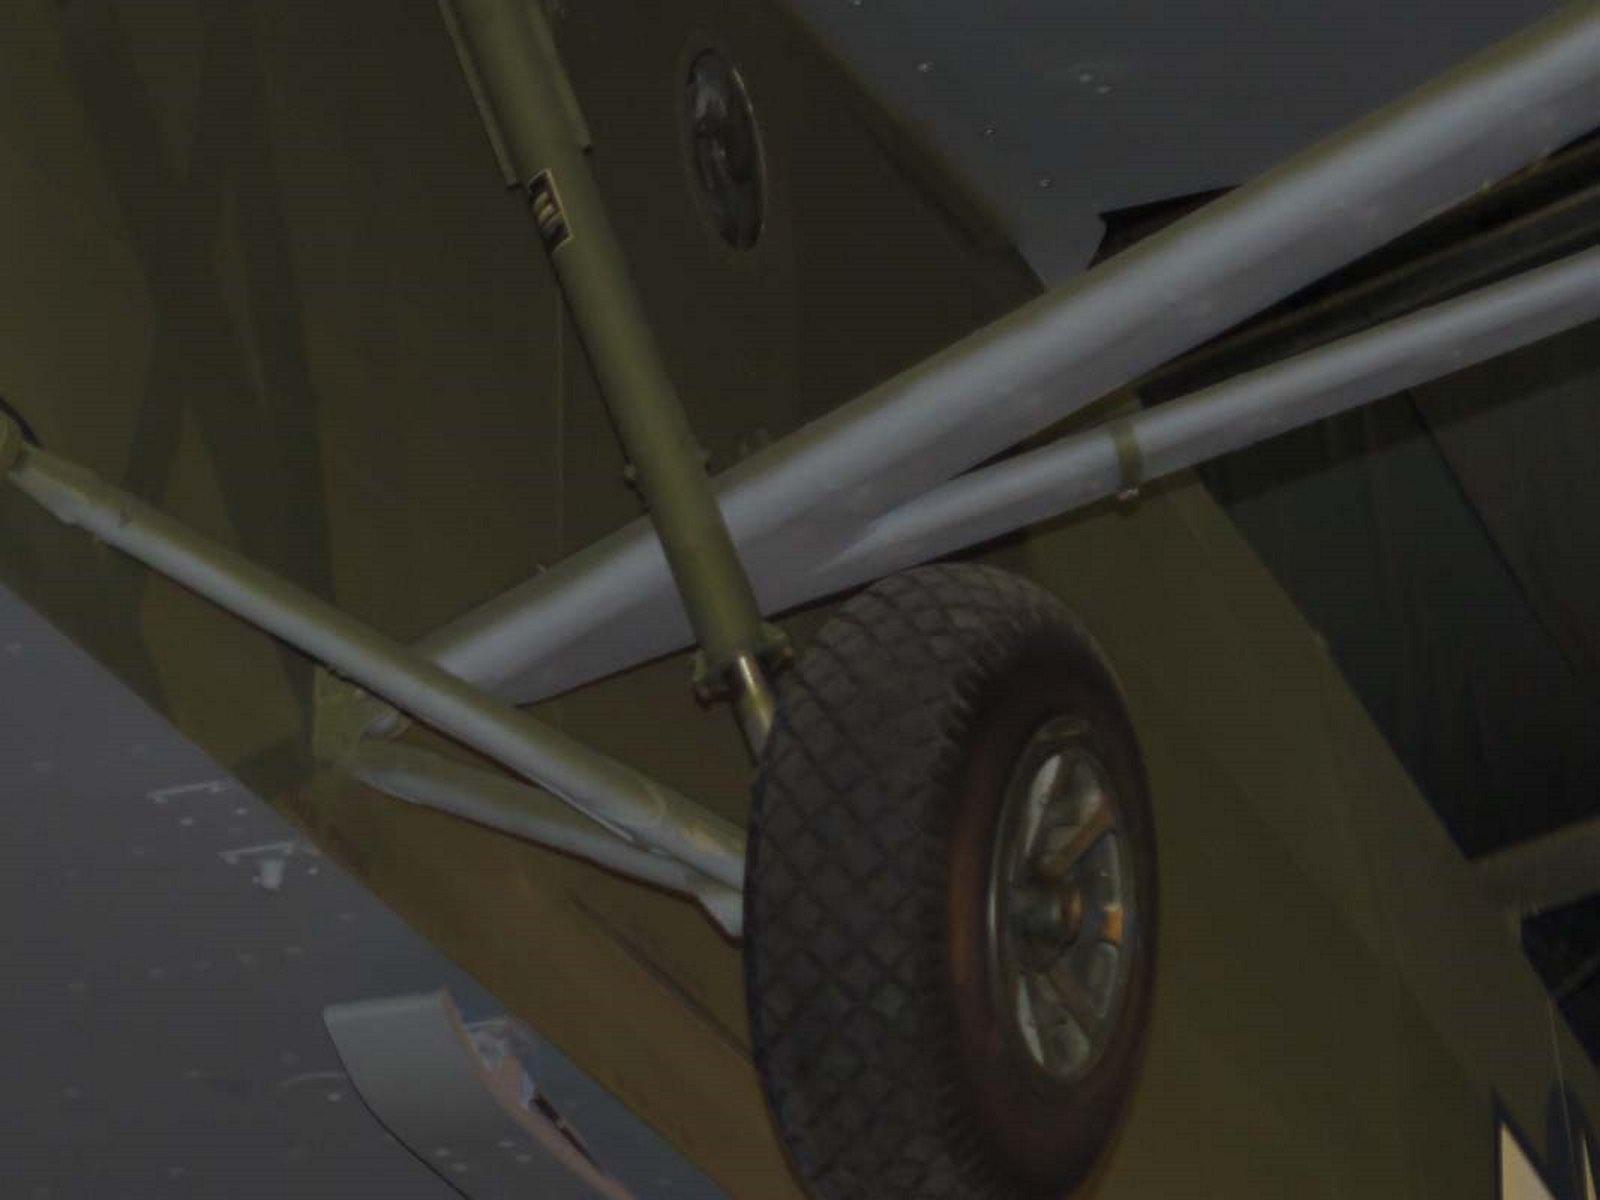 WACO CG-4A Haig 8